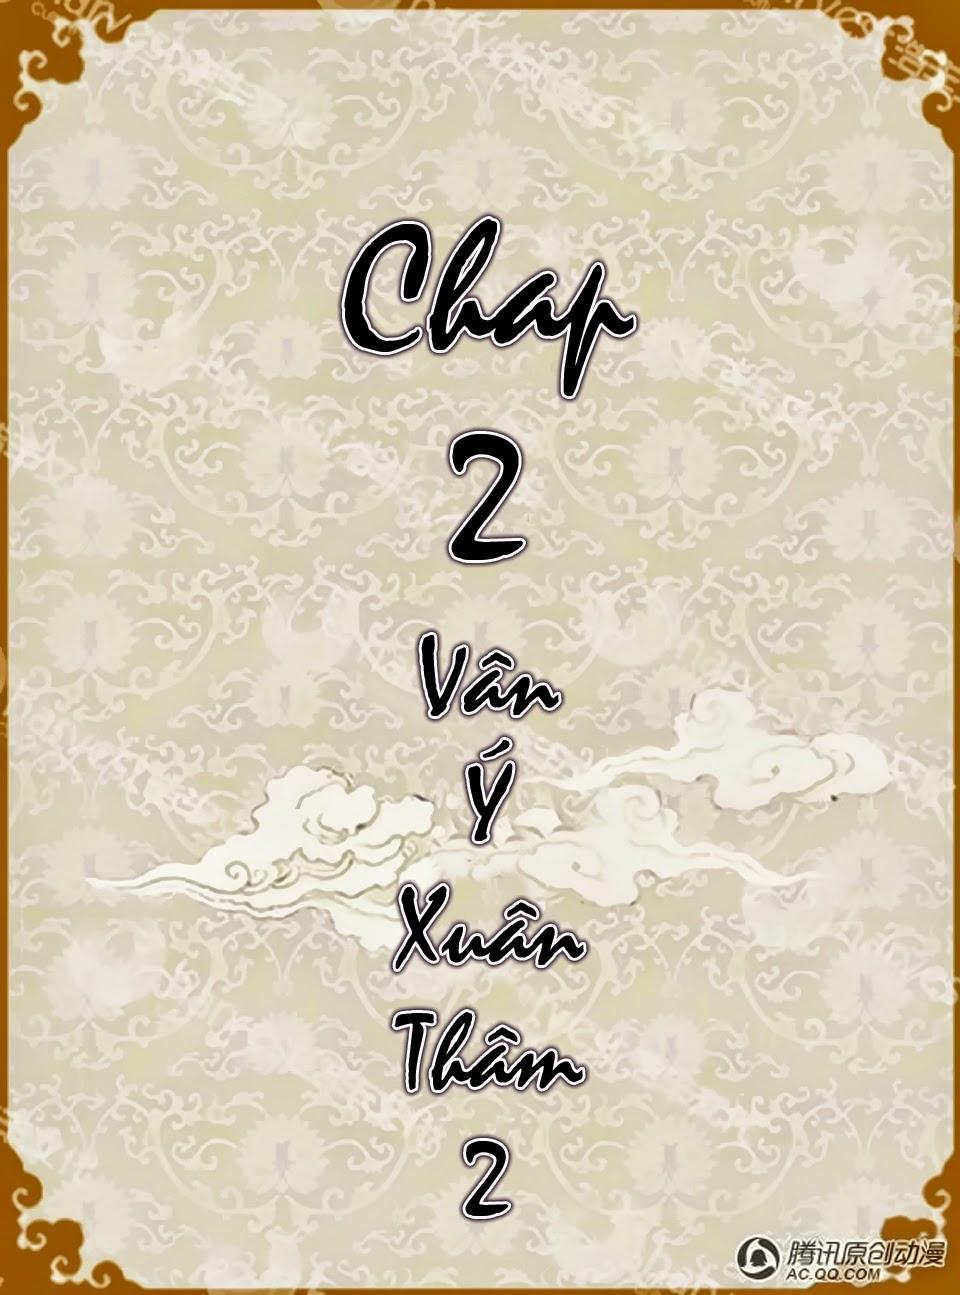 Chân Hoàn Truyện Chap 2.1 - Next Chap 3